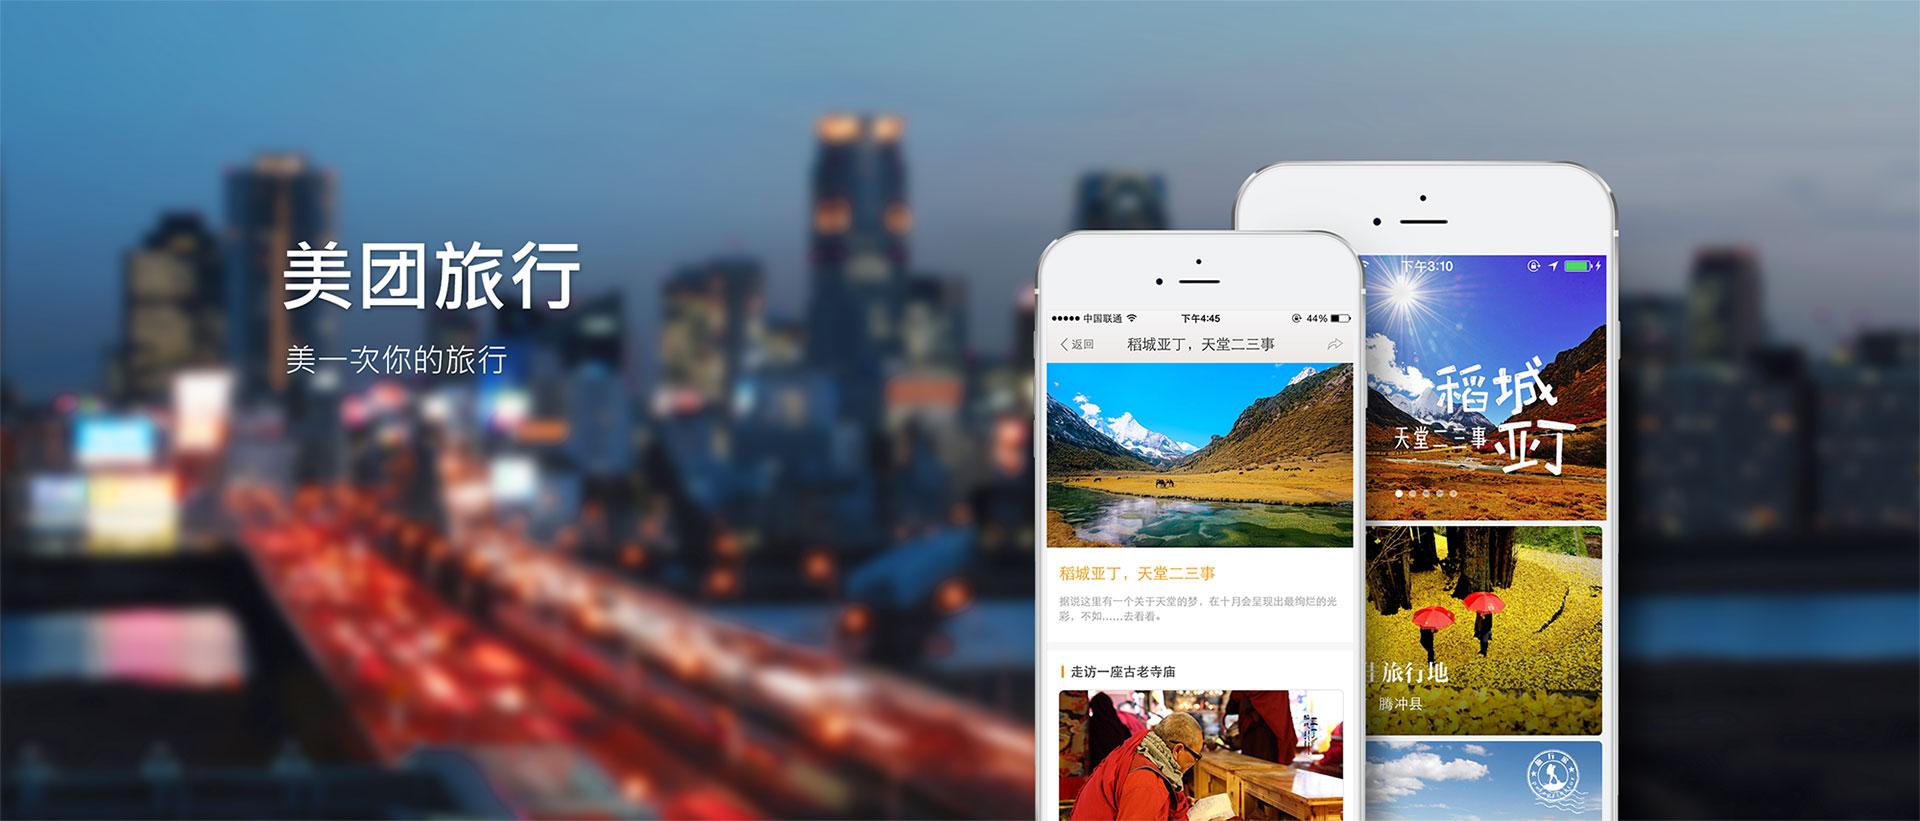 美团点评拟在5年内向旅游业投资数亿美元 与携程阿里争夺市场-科技传媒网